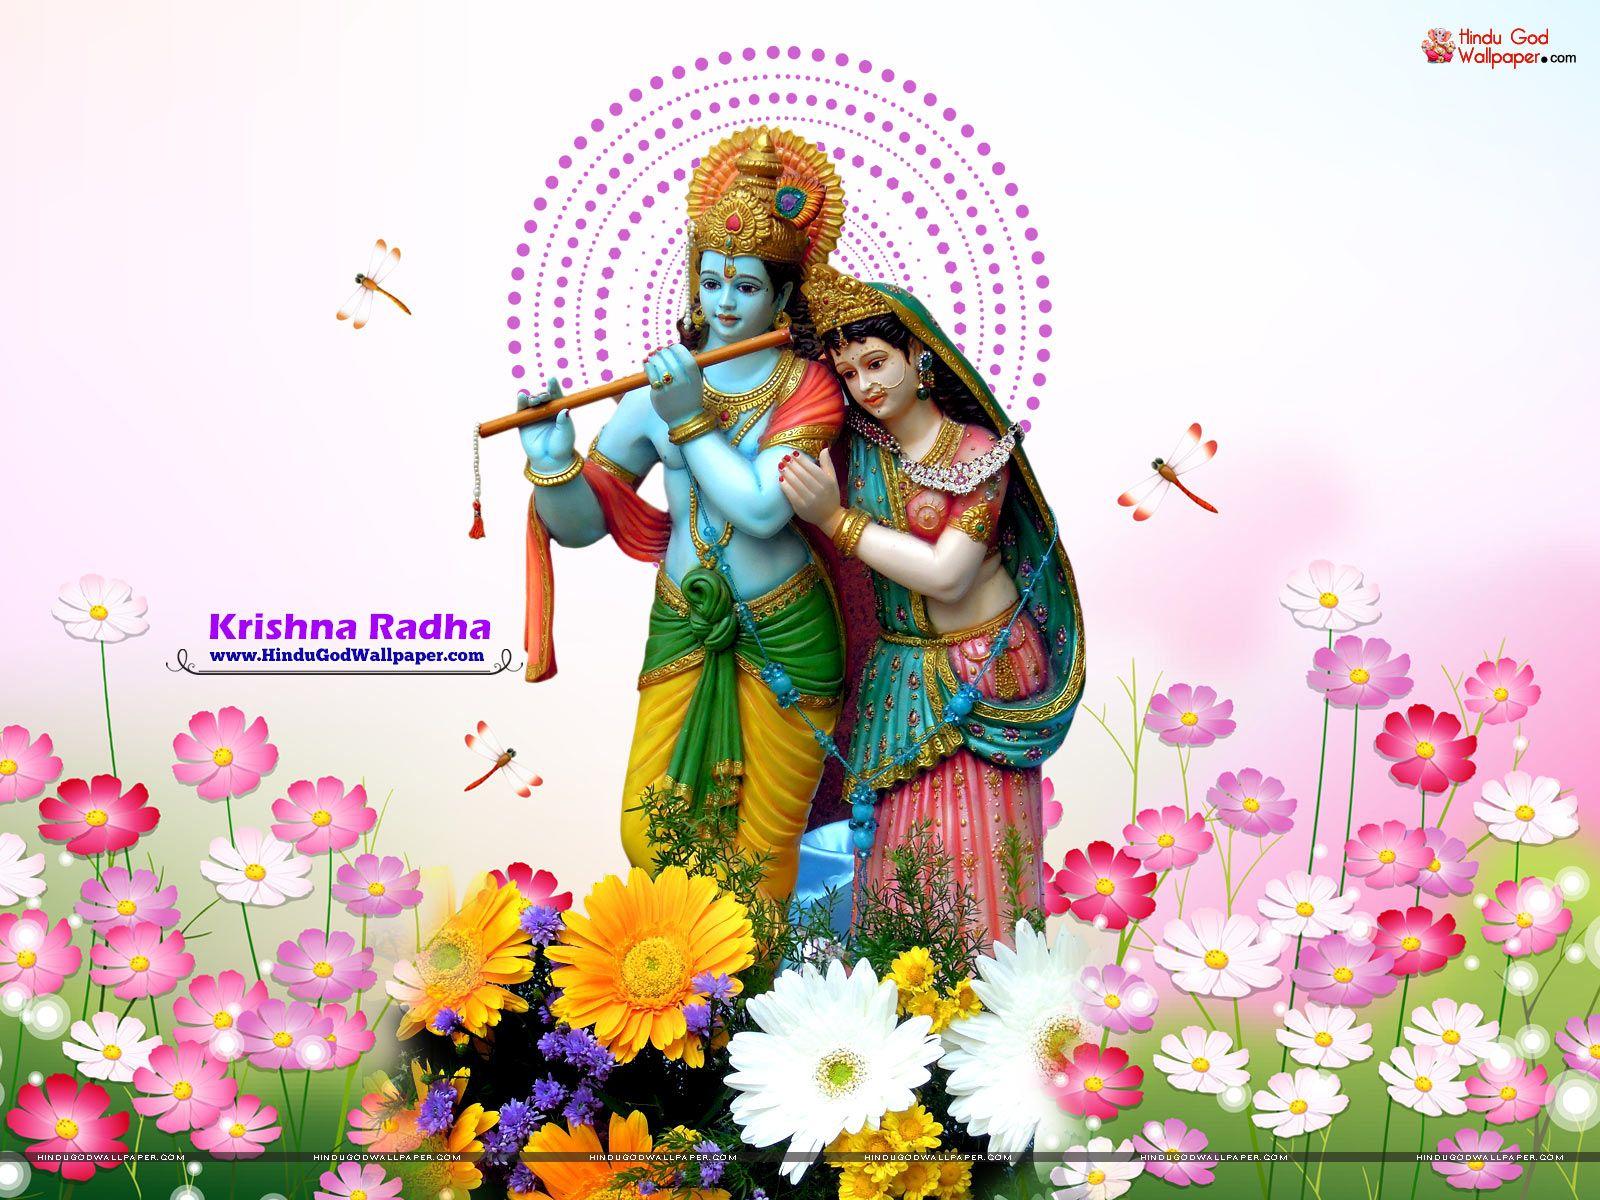 Lord Krishna And Radha Murti - HD Wallpaper